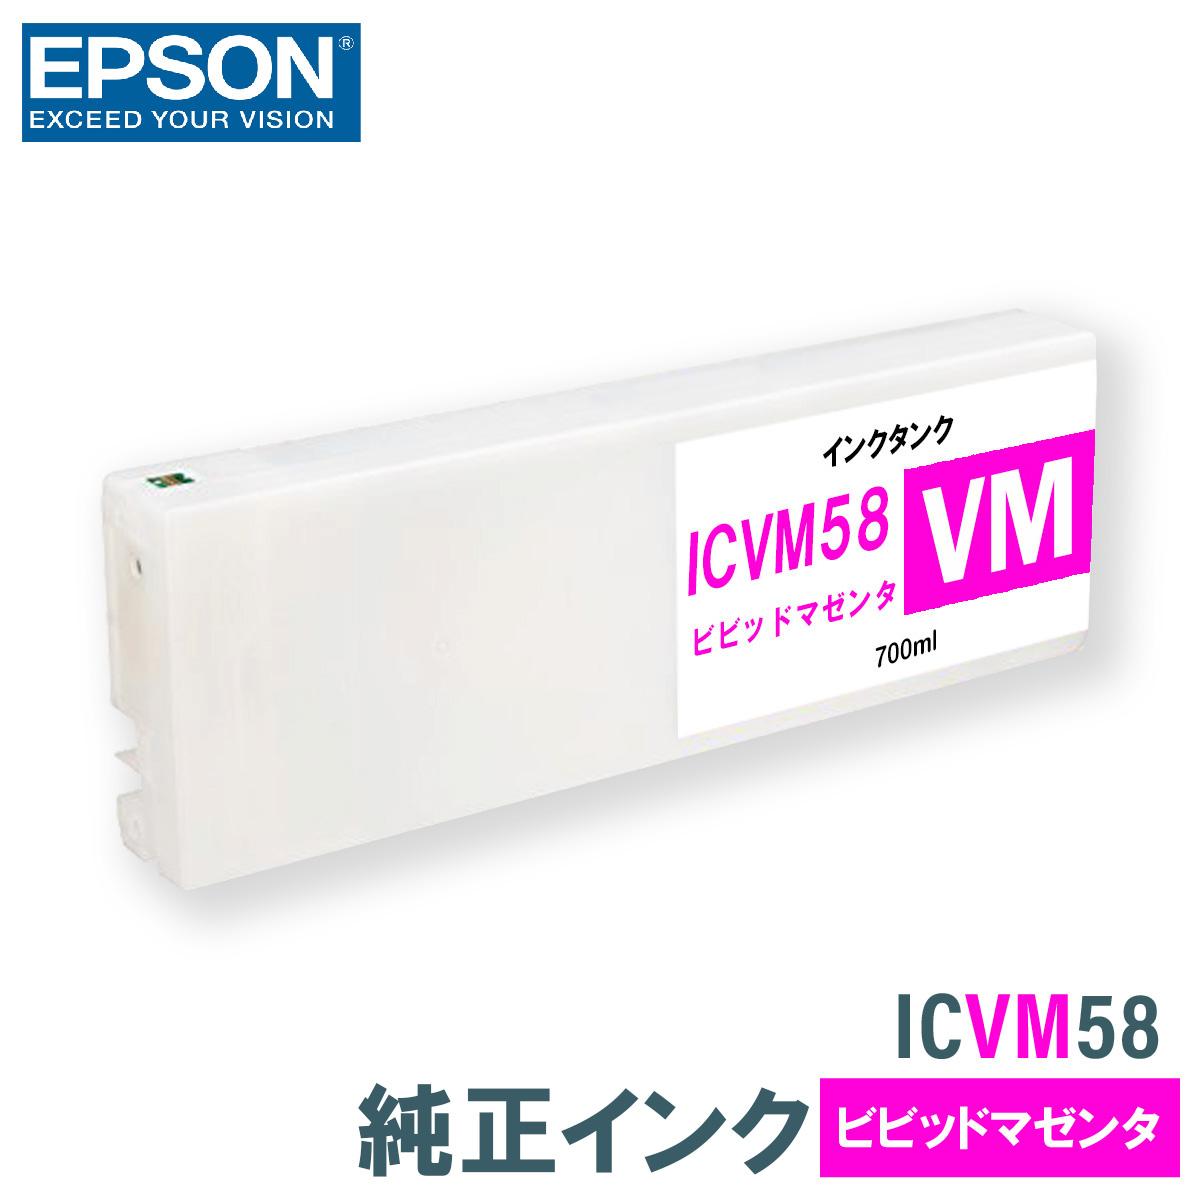 エプソン 純正インク EPSON ICVM58 ビビッドマゼンタ 700ml